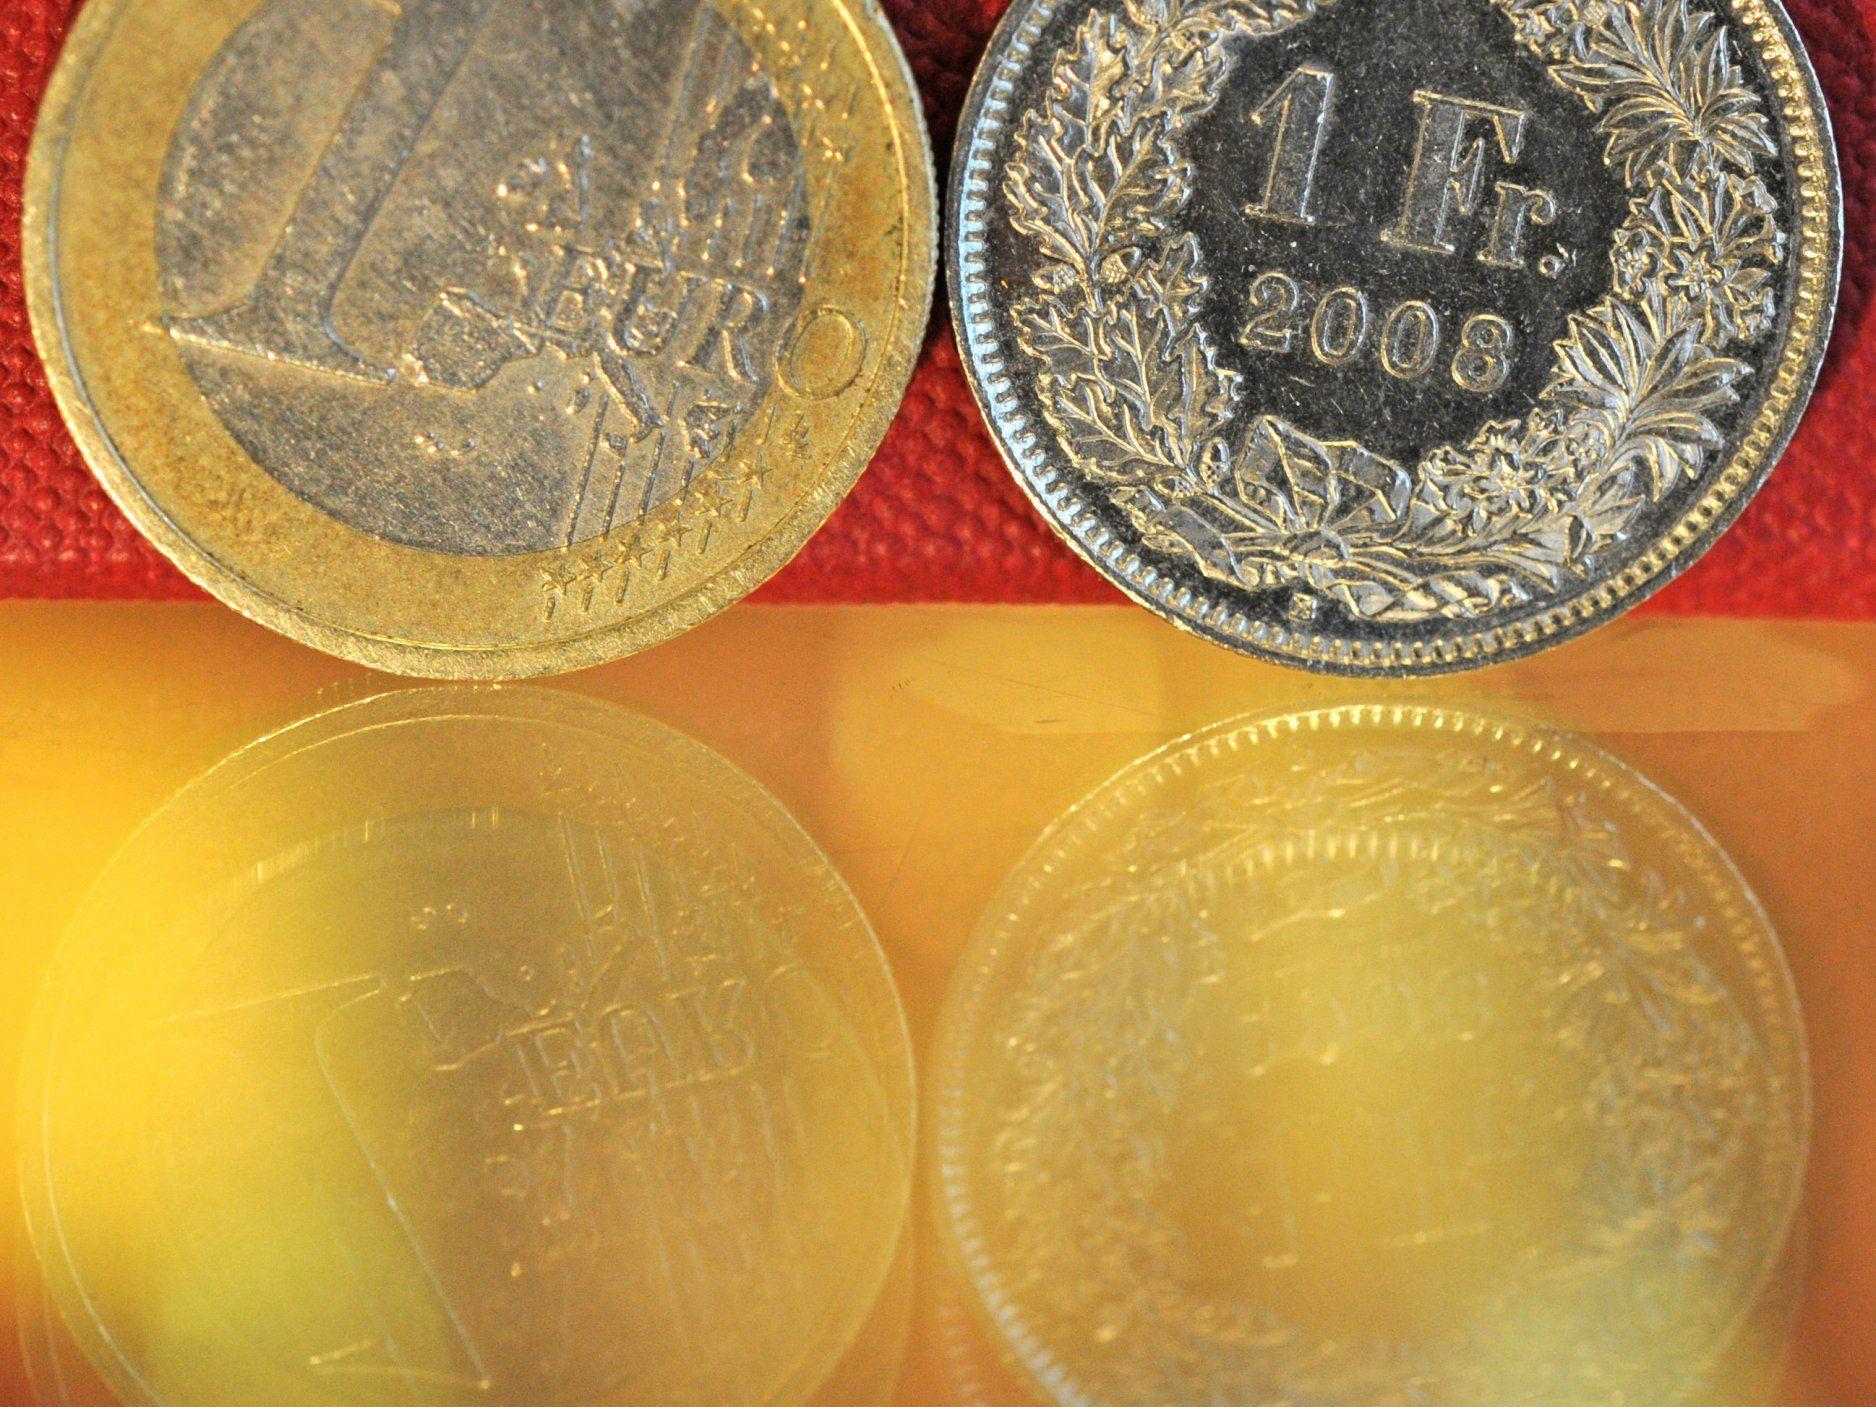 Schweizer kaufen vermehrt in Österreich ein.